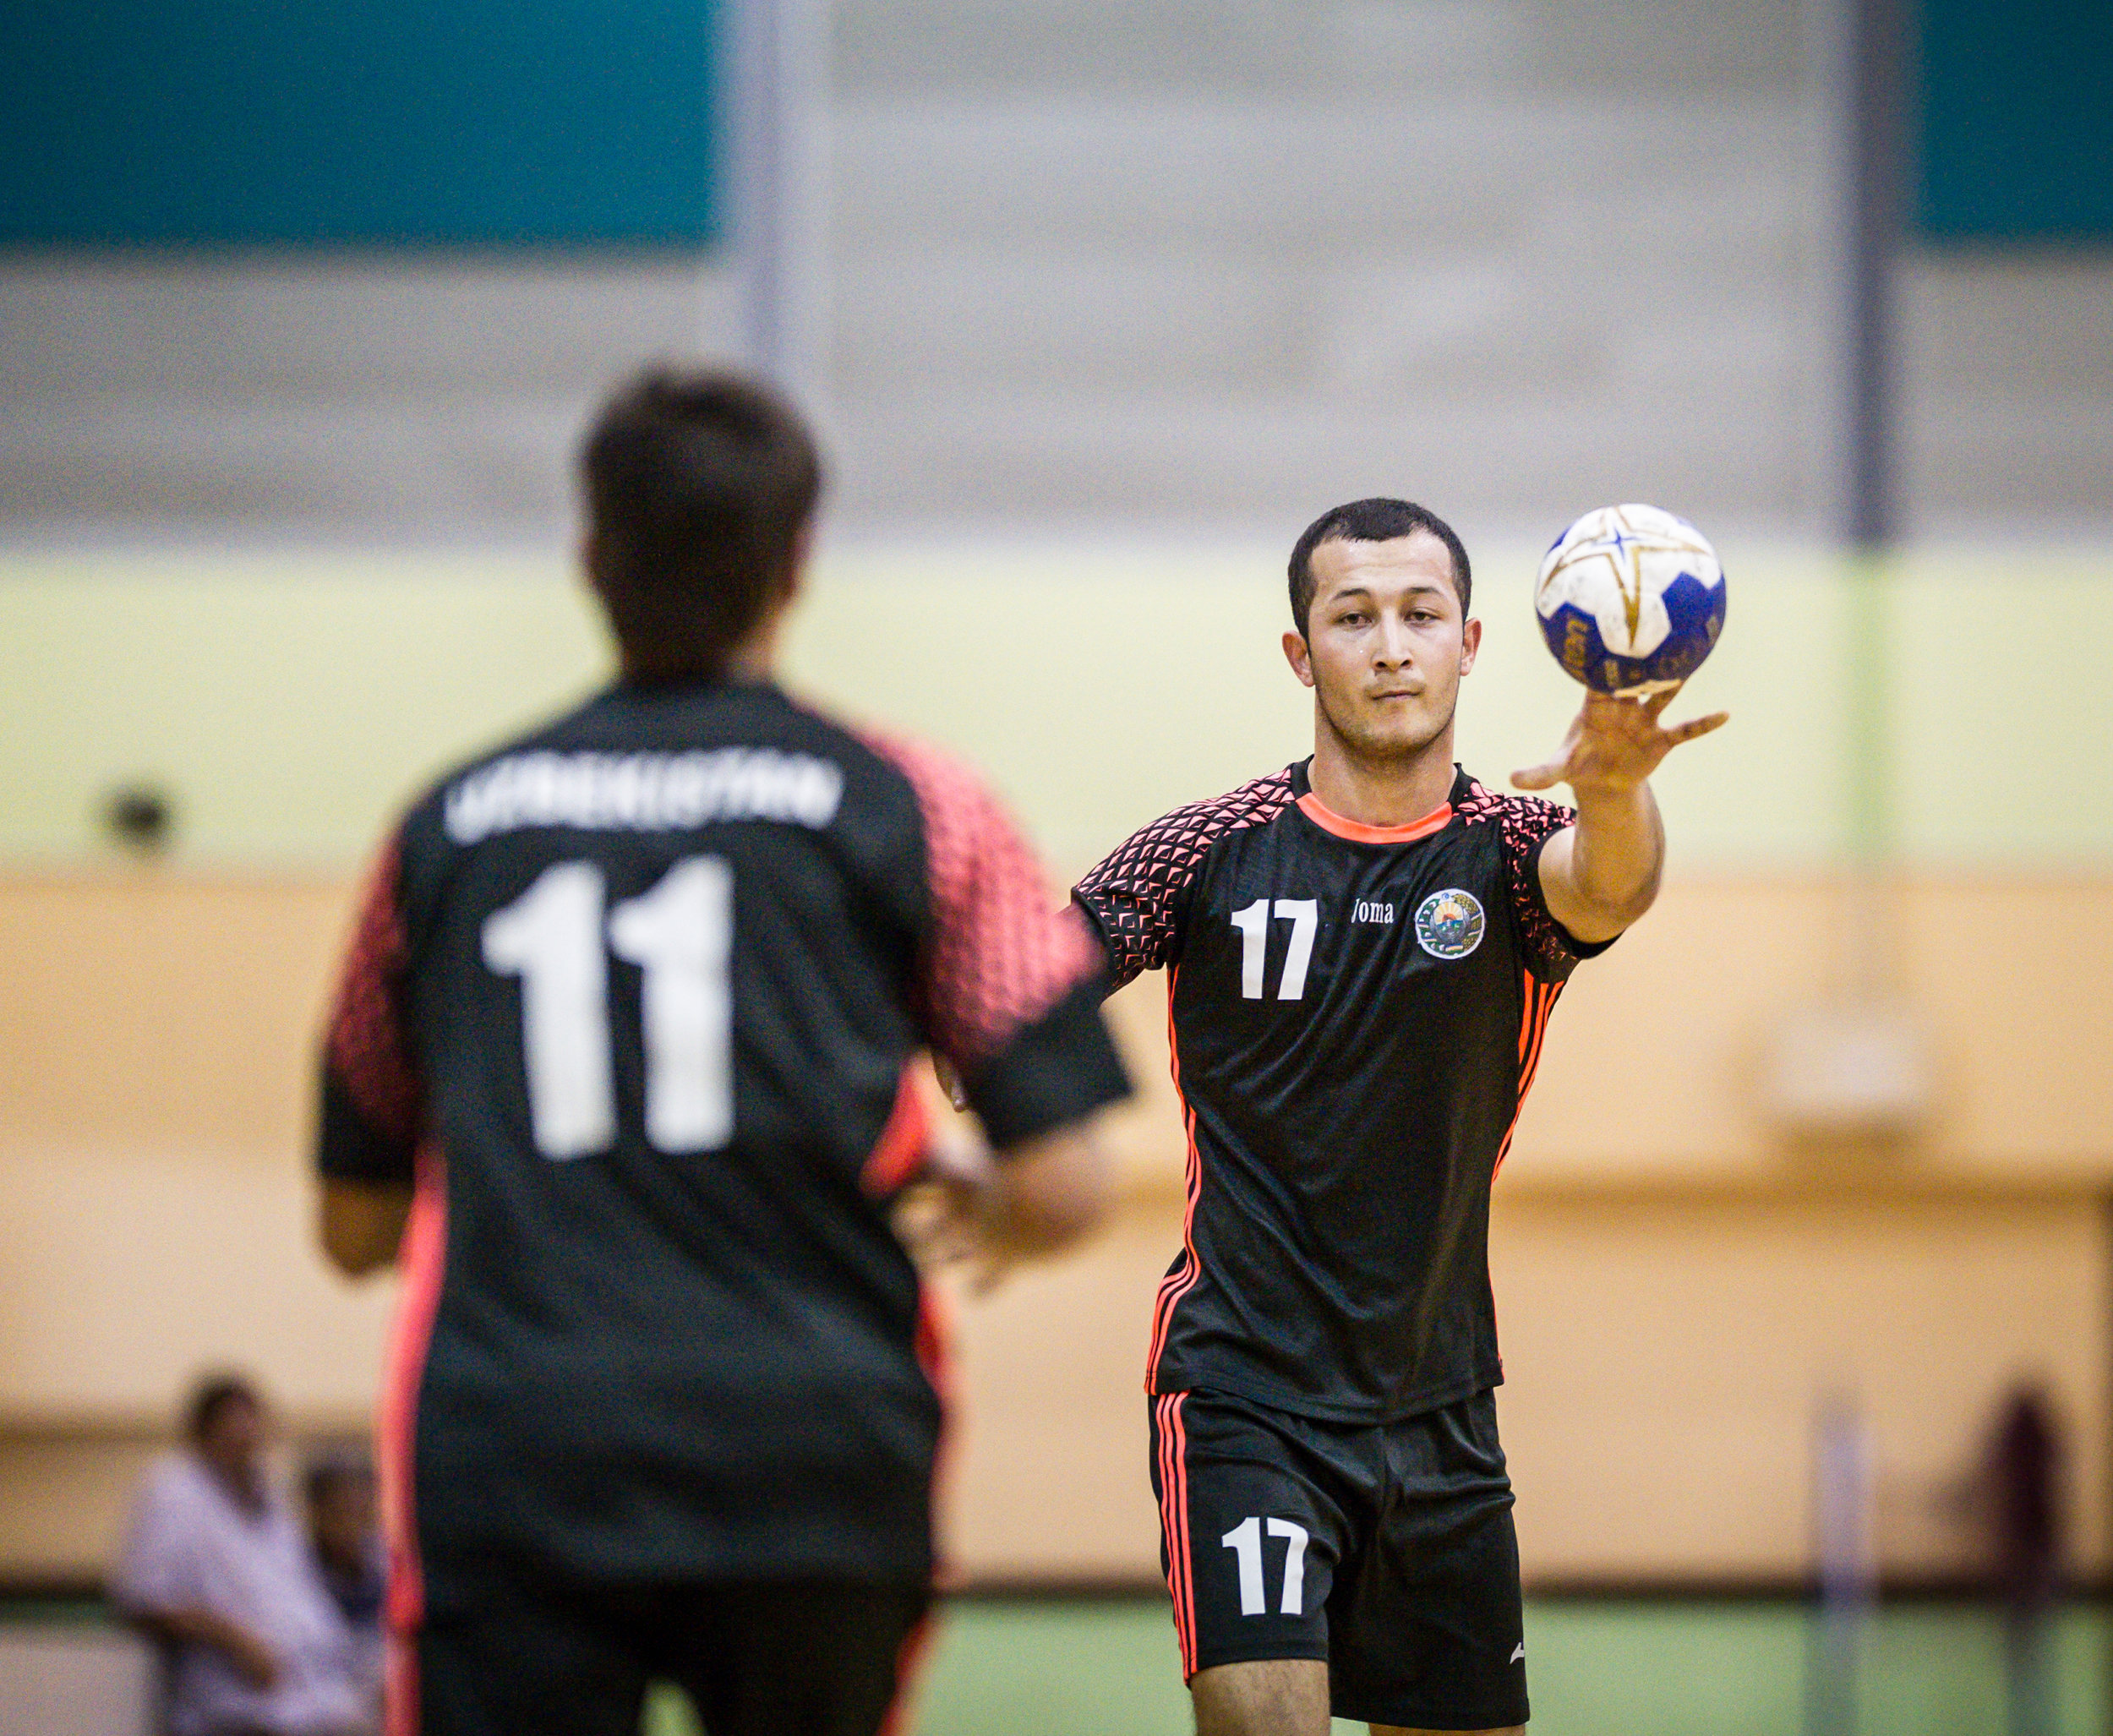 An Uzbek player passes the ball to a team mate during an International hand ball match at the Sengkang Sports Complex.